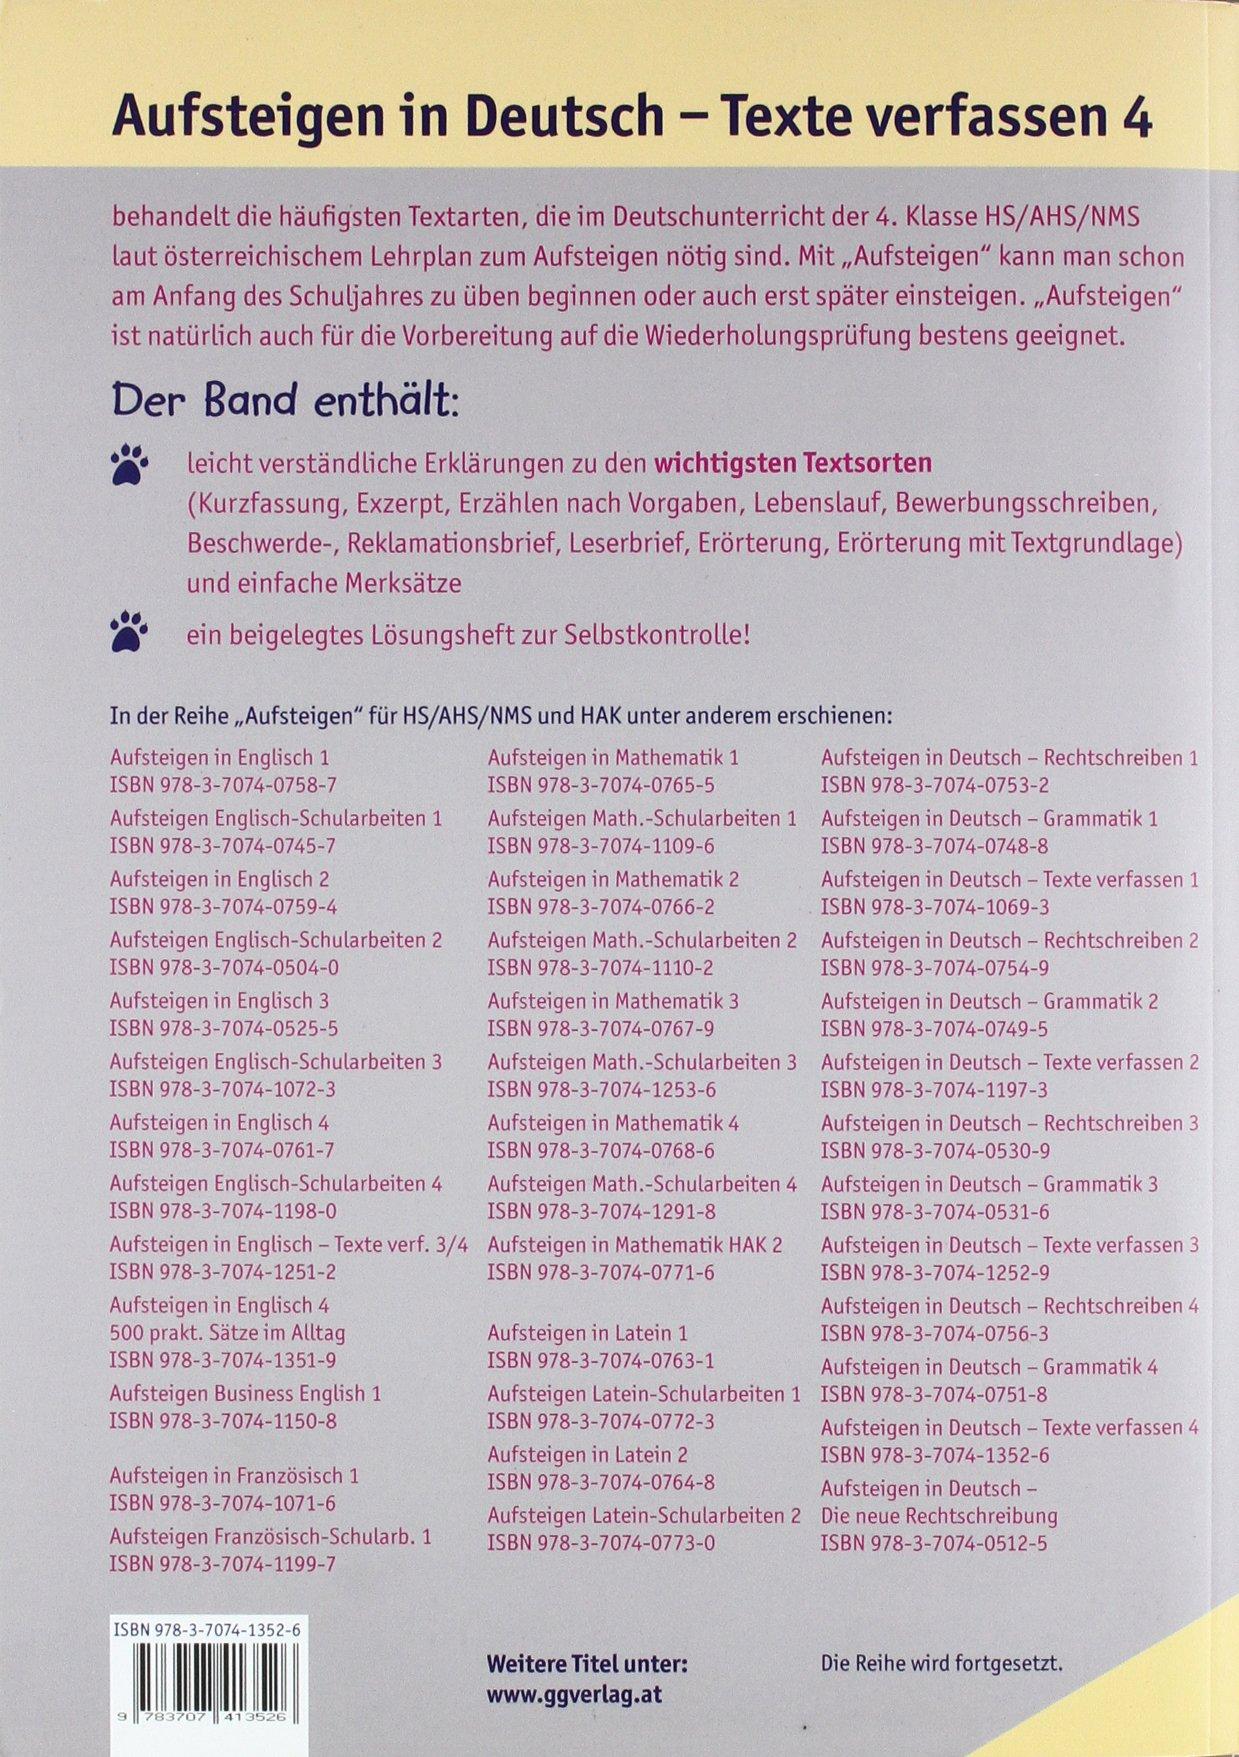 Aufsteigen In Deutsch Texte Verfassen 4 So Schaffst Du Die 4